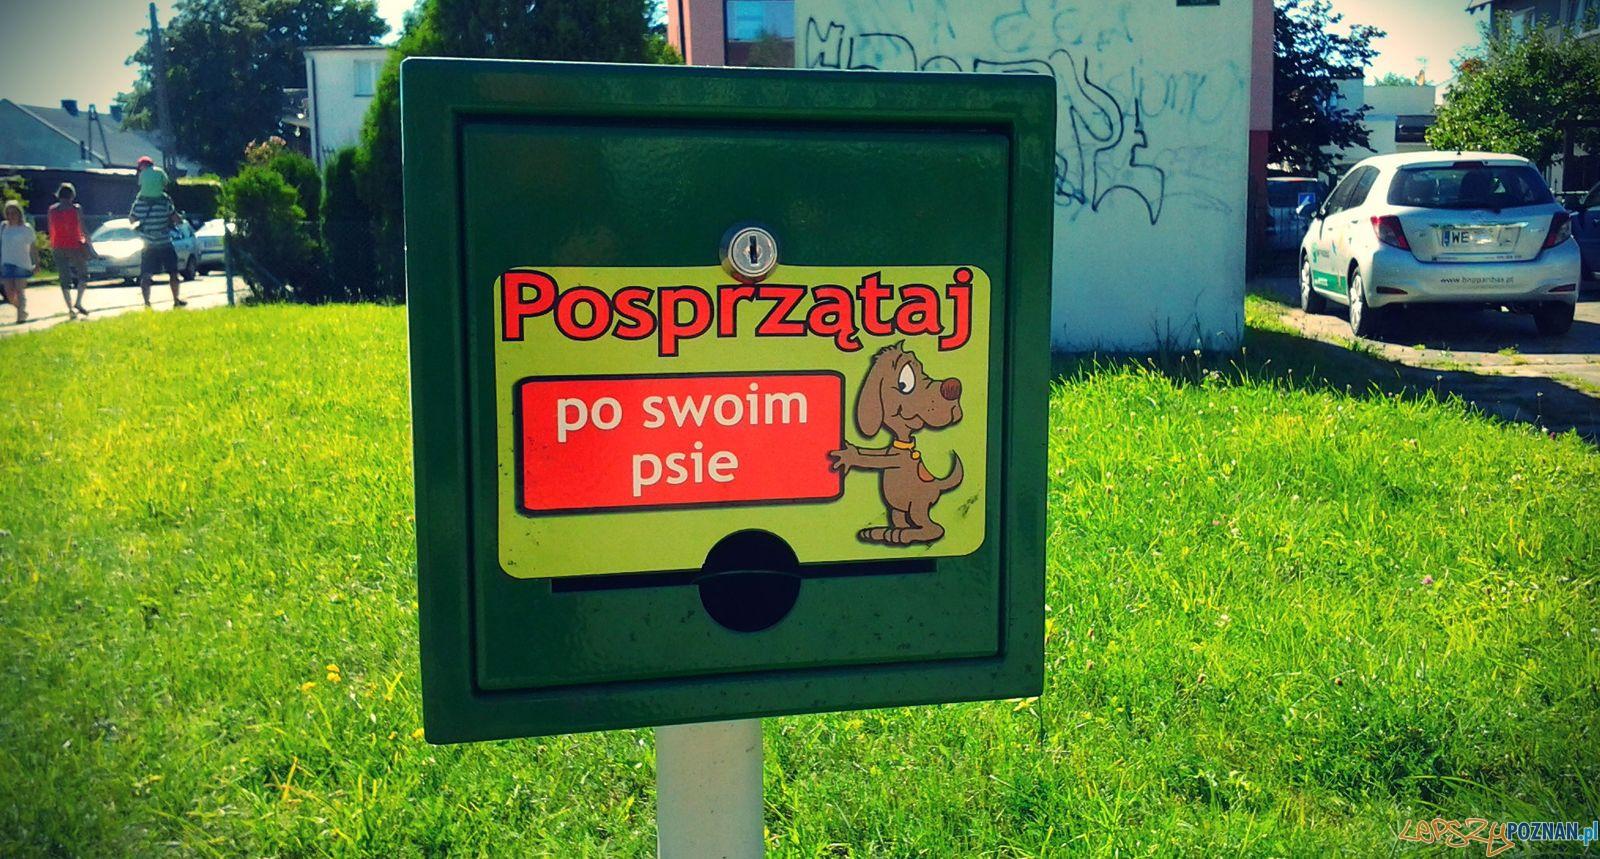 Posprzataj po psie  Foto: lepszyPOZNAN.pl / tab 10.1